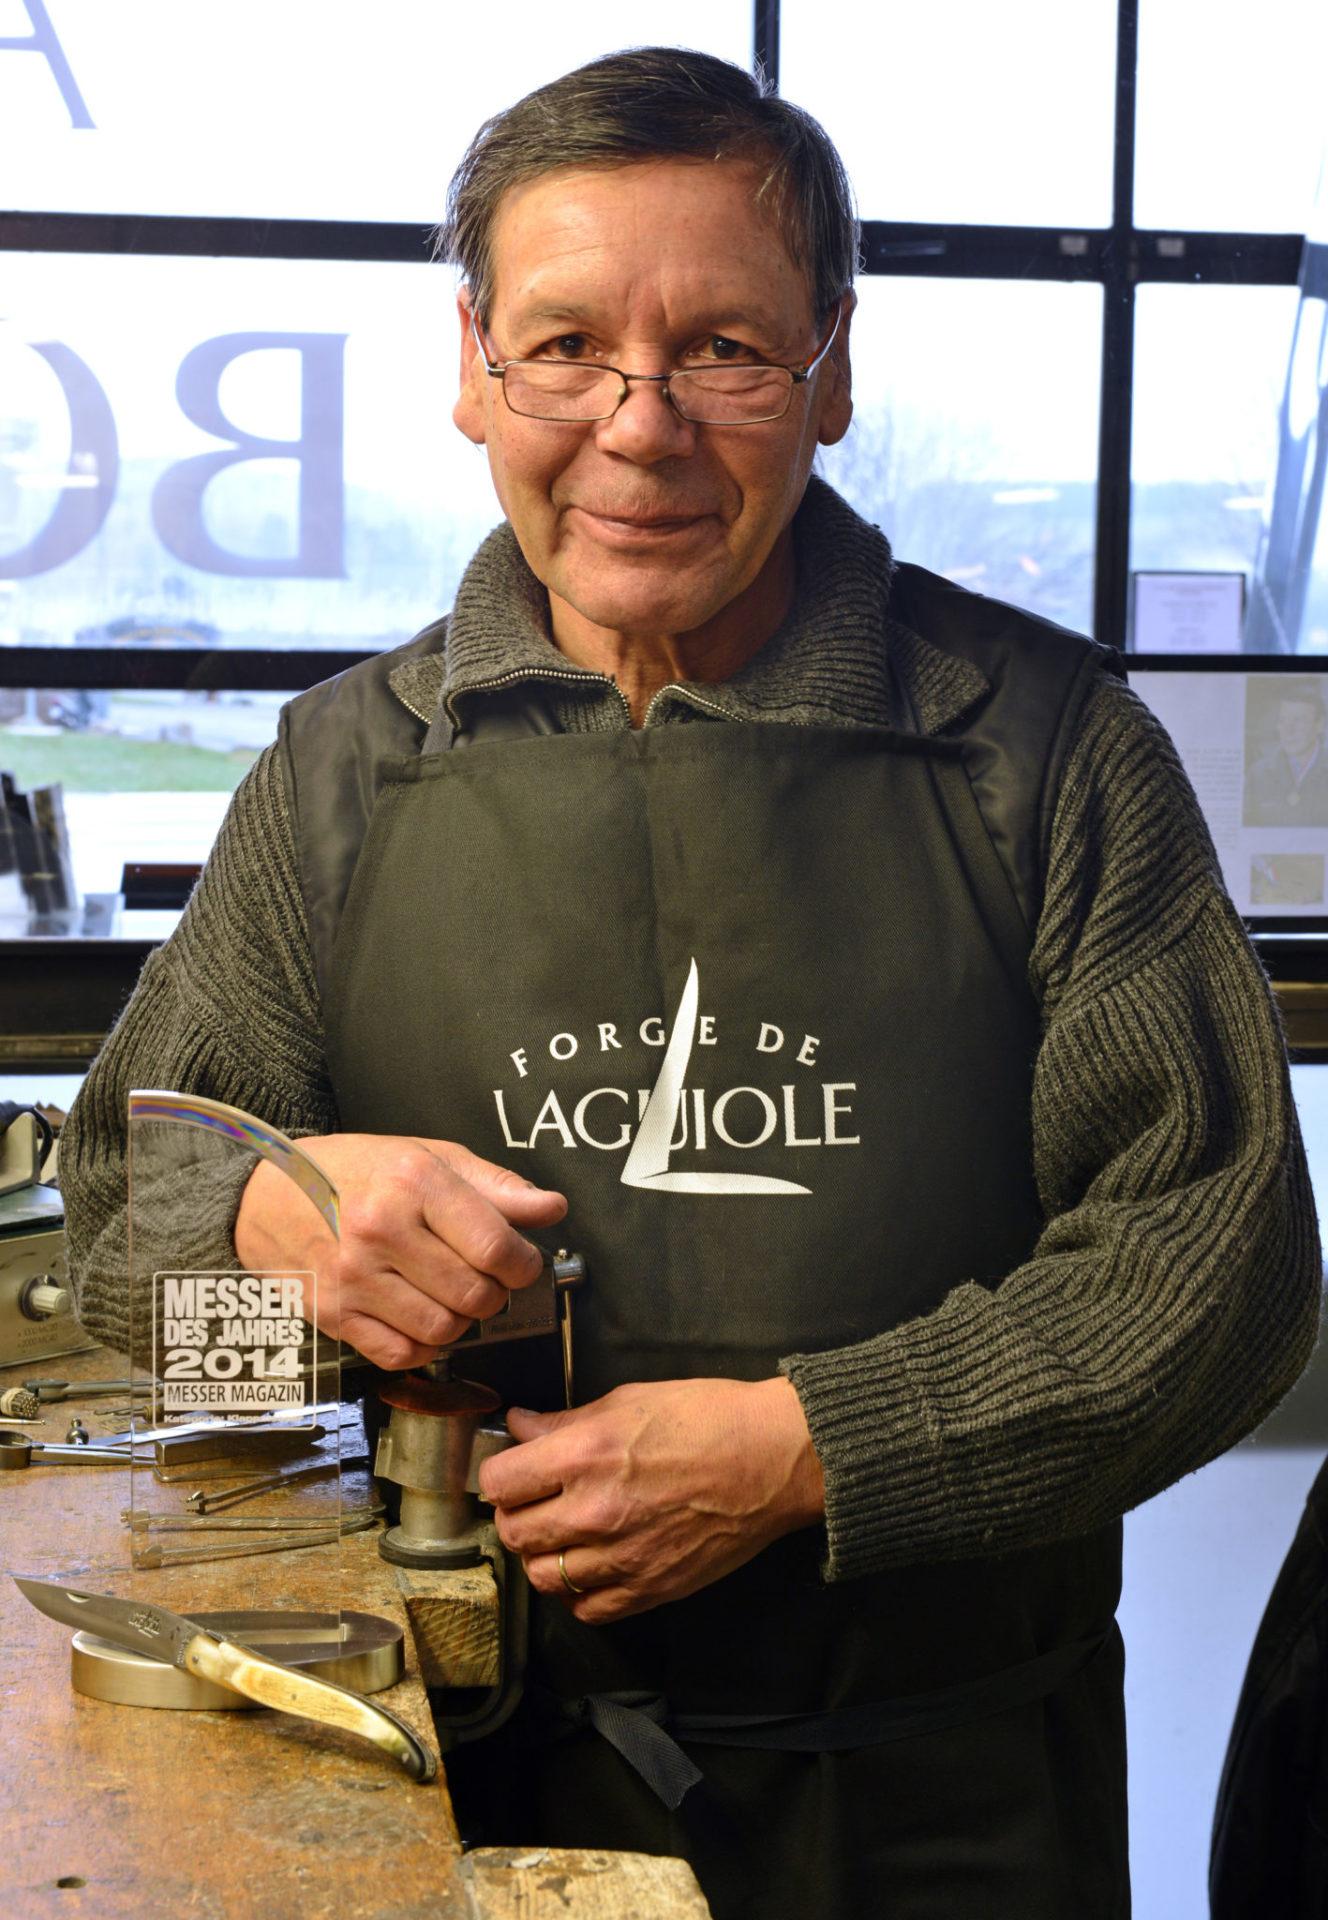 Virgilio Muñoz Caballero, Meilleur ouvrier de France